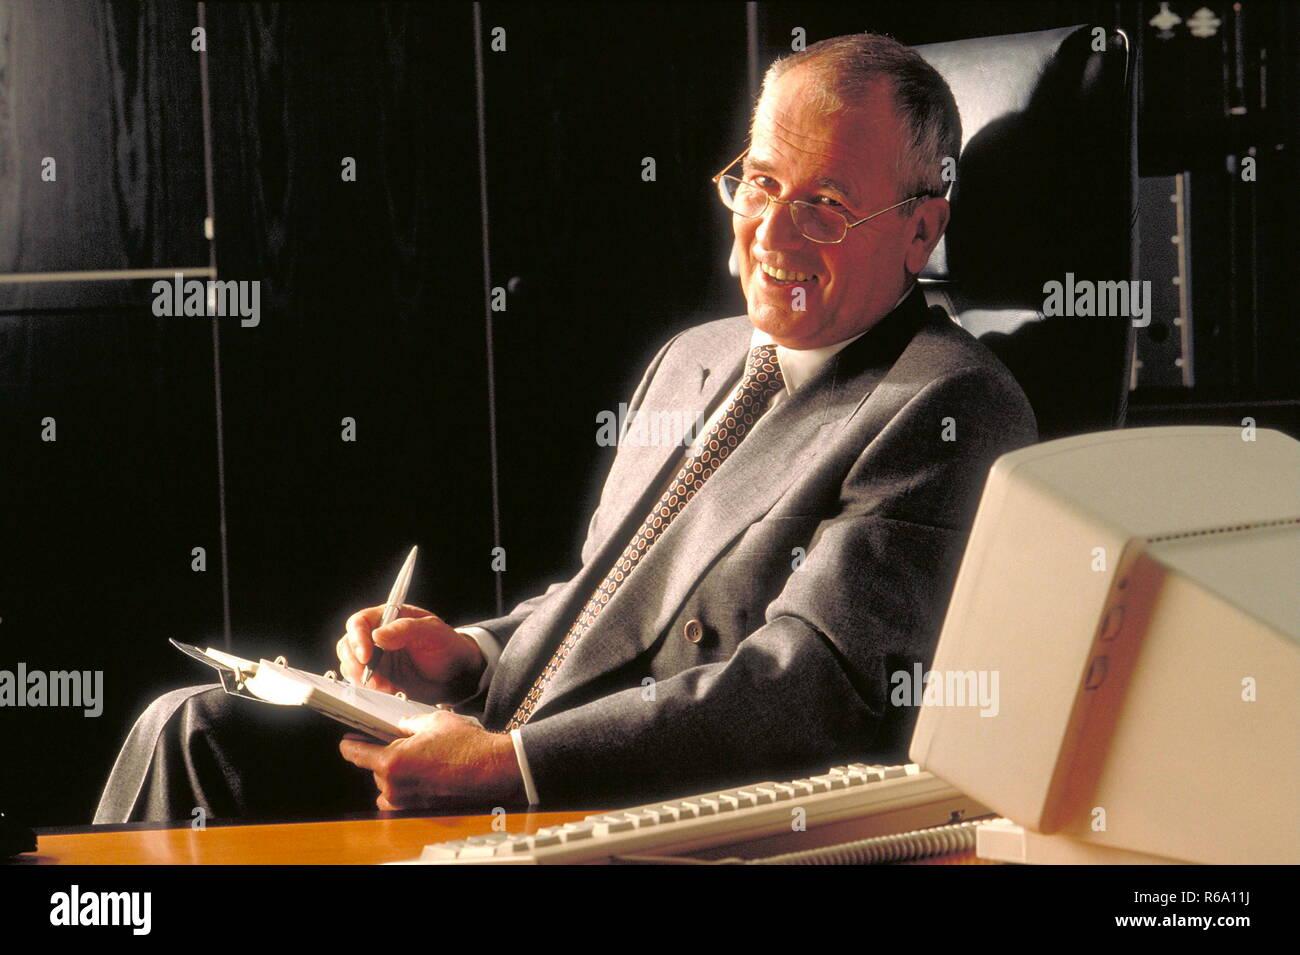 Portrait, Bueroszene, Manager, ca. 60 Jahre, mit Kalender an seinem Arbeitsplatz in seinem Buero - Stock Image